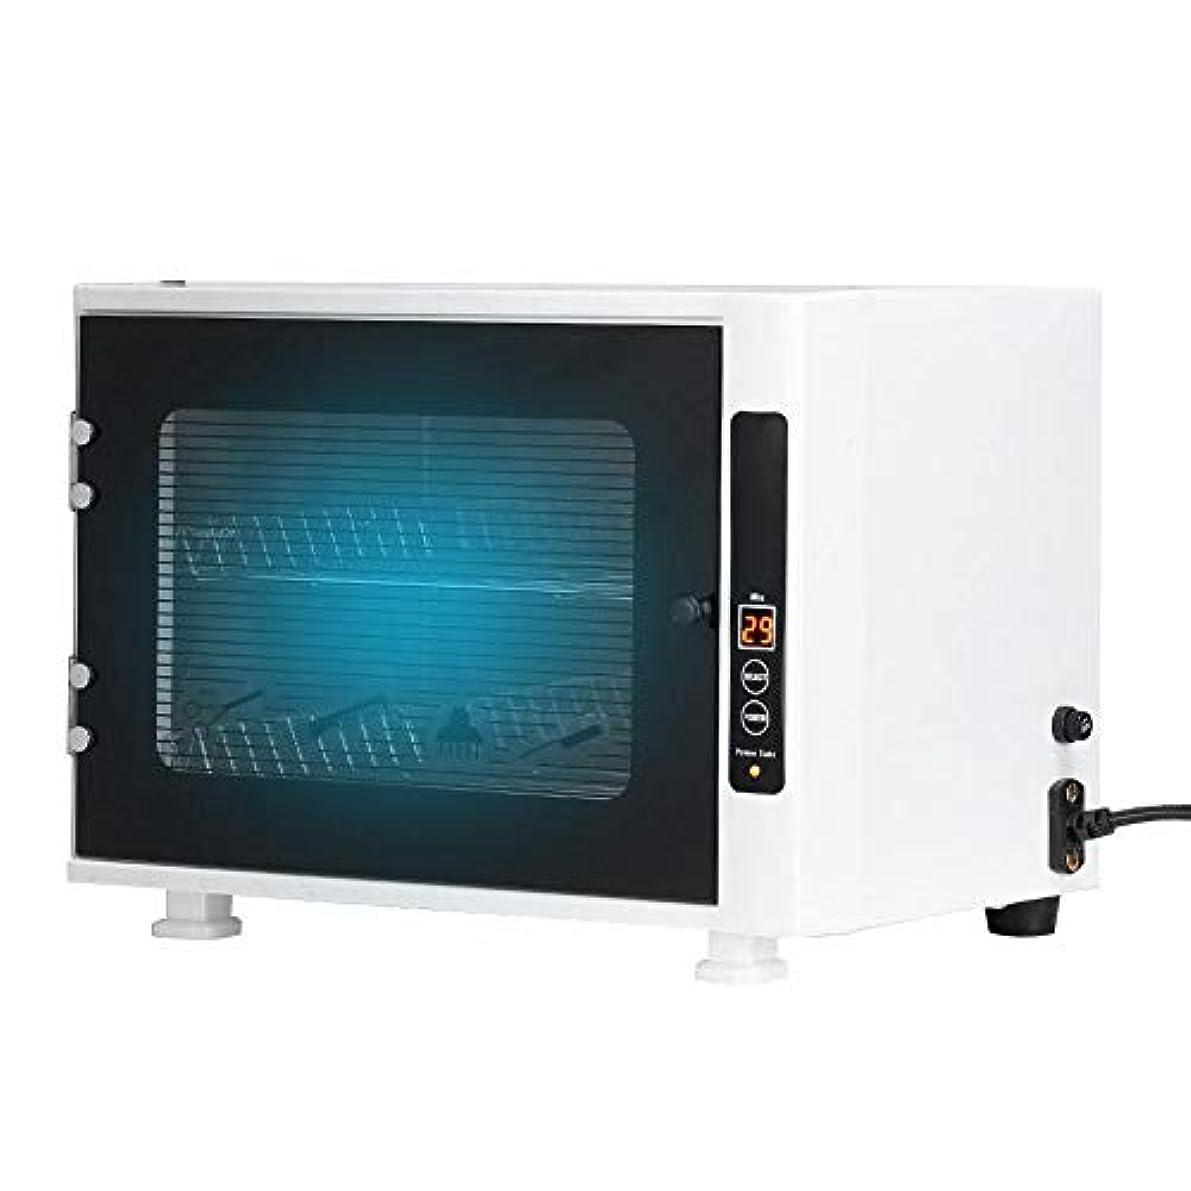 非アクティブチェリー圧縮する消毒キャビネット、プロフェッショナル滅菌ミニUV滅菌器消毒ボックスはさみタオルネイルツールサロン、美容、ホテル、スパ用の安全で信頼性の高い滅菌装置(USプラグ110V)